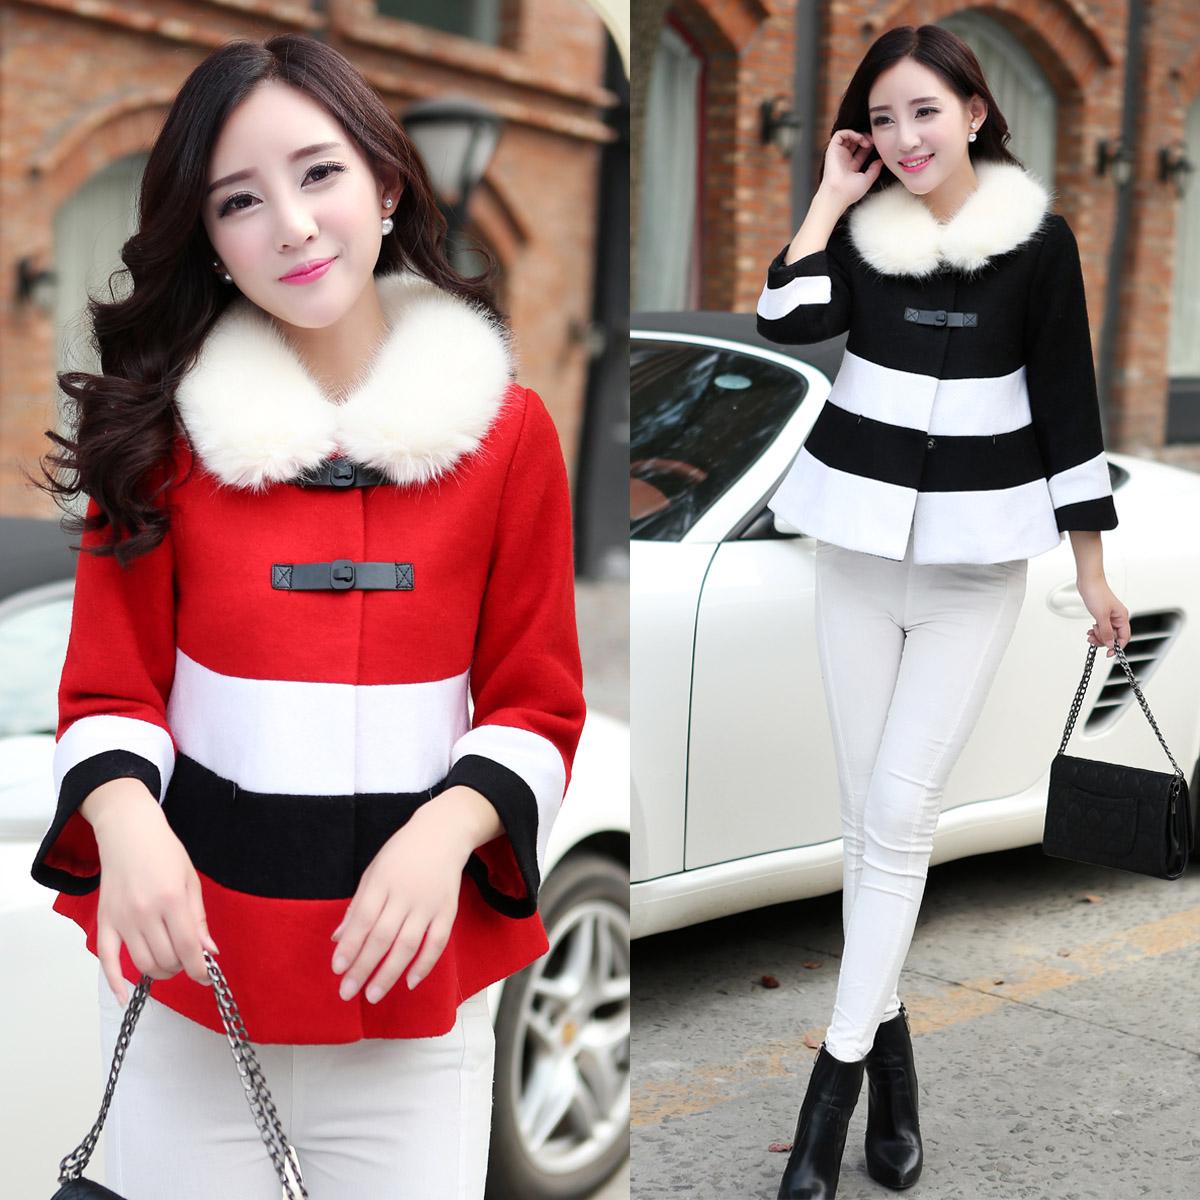 冬季新款韩版淑女装OL潮气质A字版 撞色条纹短款毛呢外套呢子大衣